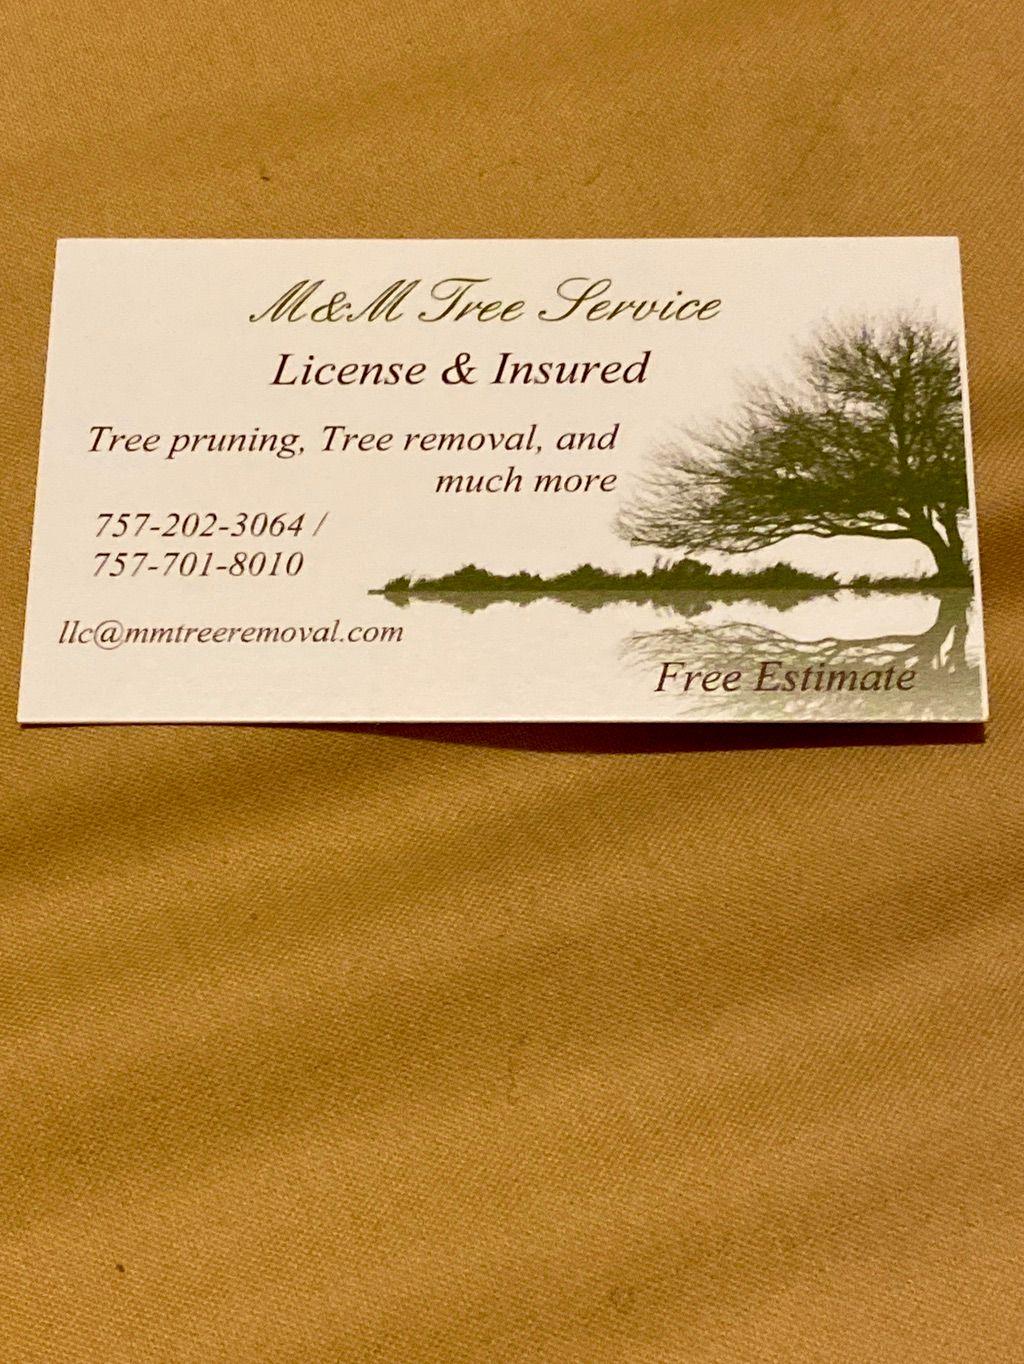 M&M Tree Service/ lawn care